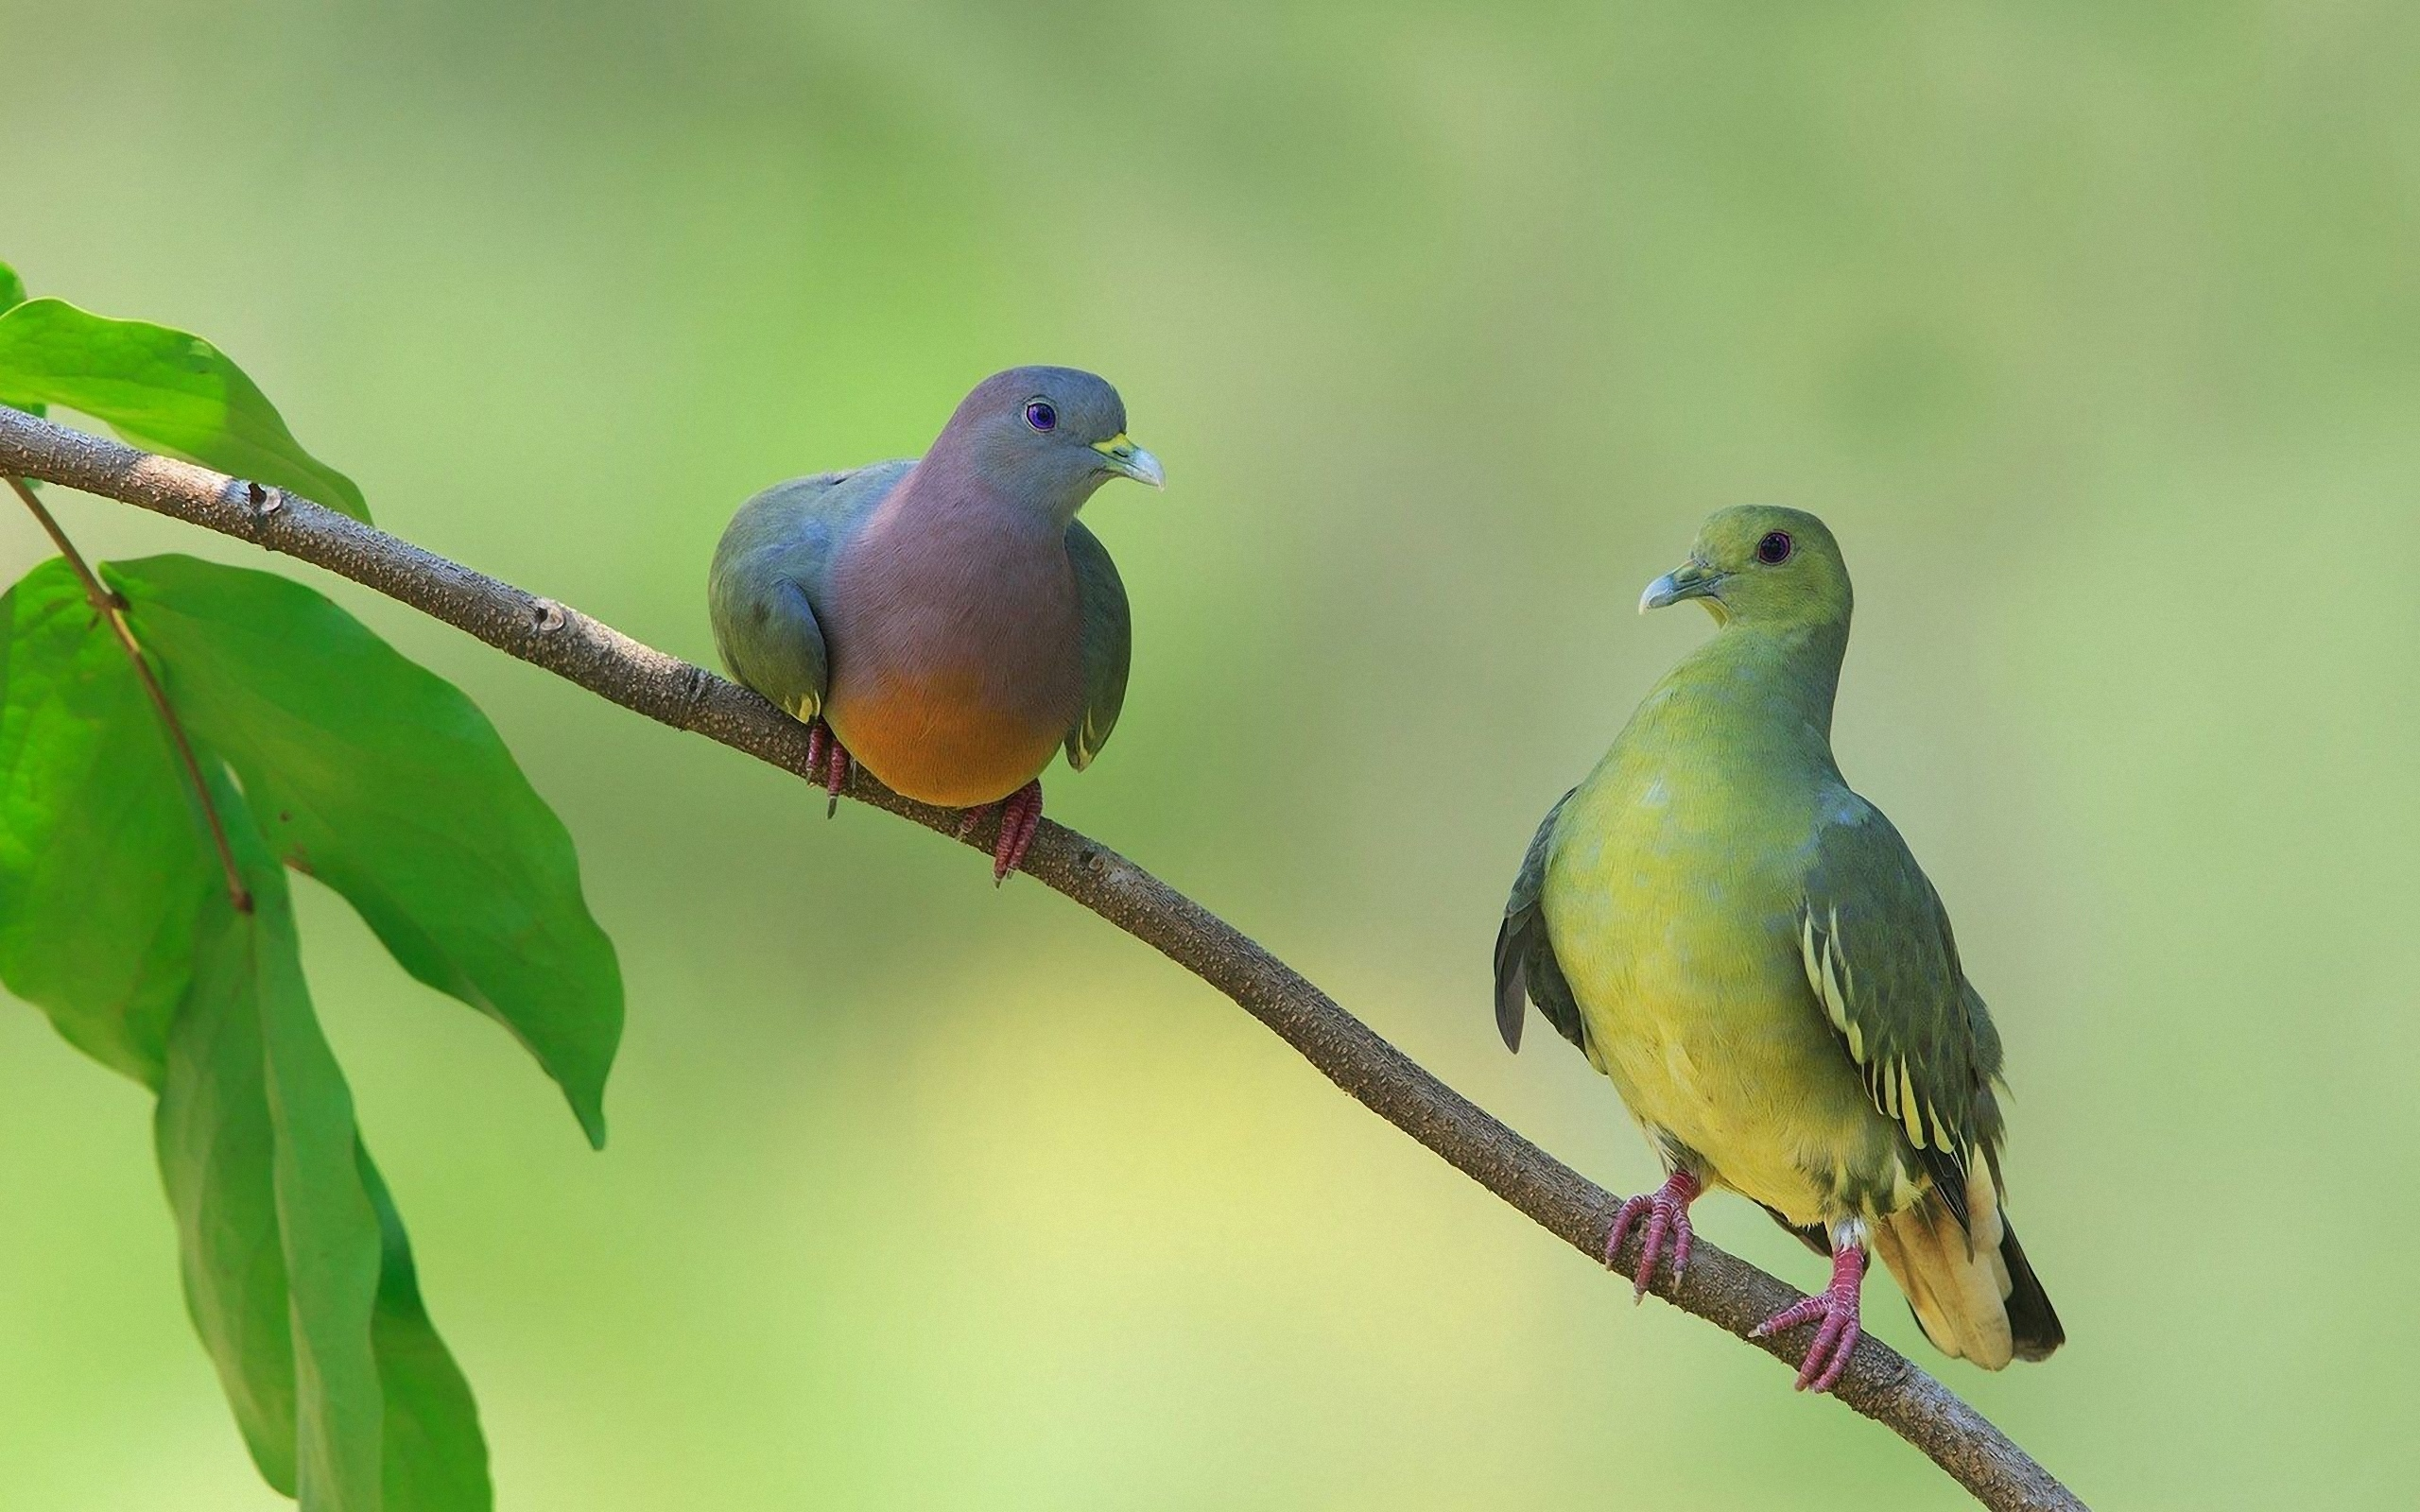 природа белые птицы ветка голуби  № 592592 бесплатно